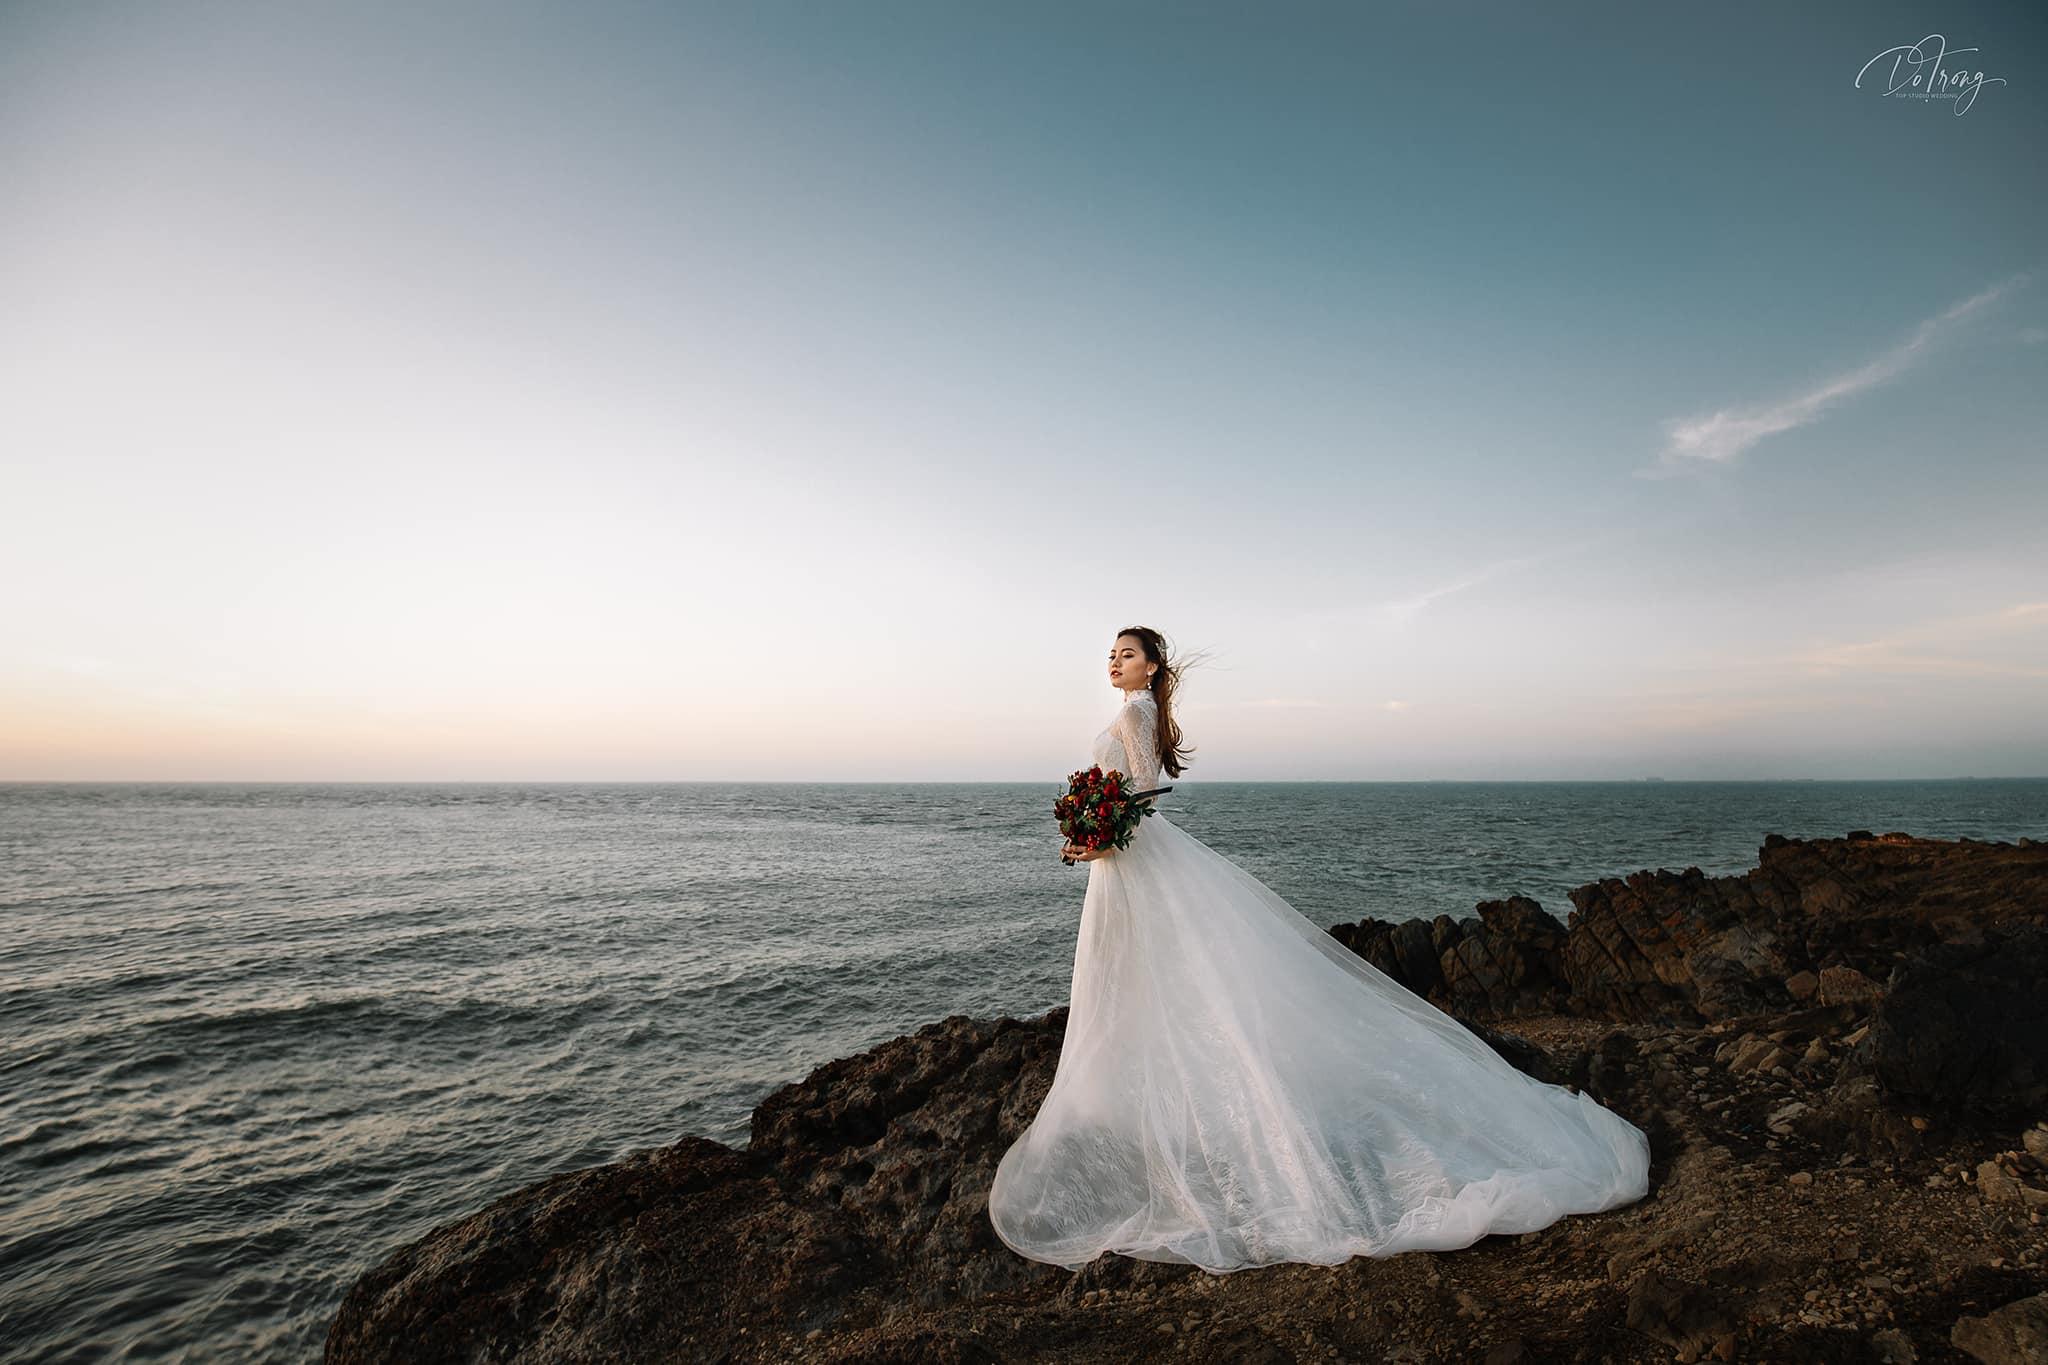 Xếp hạng 10 Studio chụp ảnh cưới đẹp và chất lượng nhất Đồng Nai - Top Studio